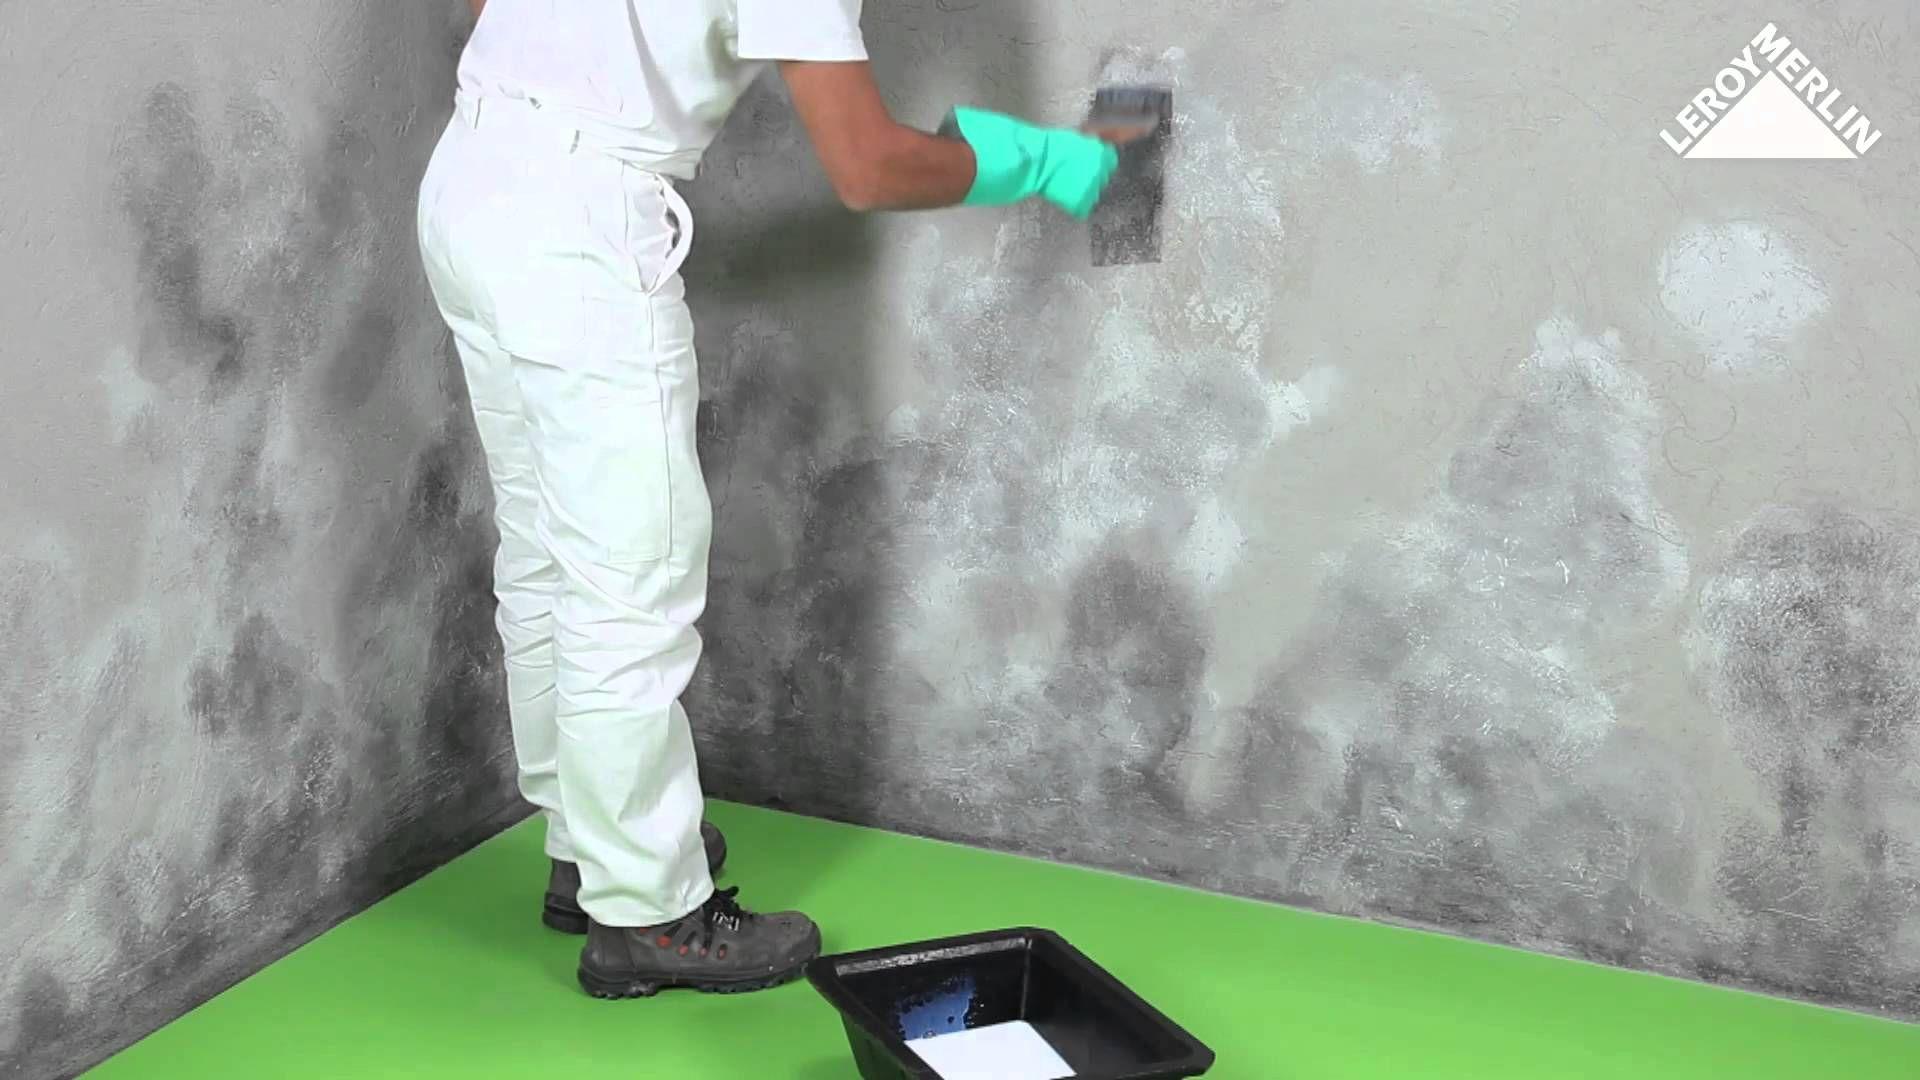 Comment Traiter Le Salpetre Les Moisissures Et Les Taches D Humidite Salpetre Taches De Moisissure Moissisure